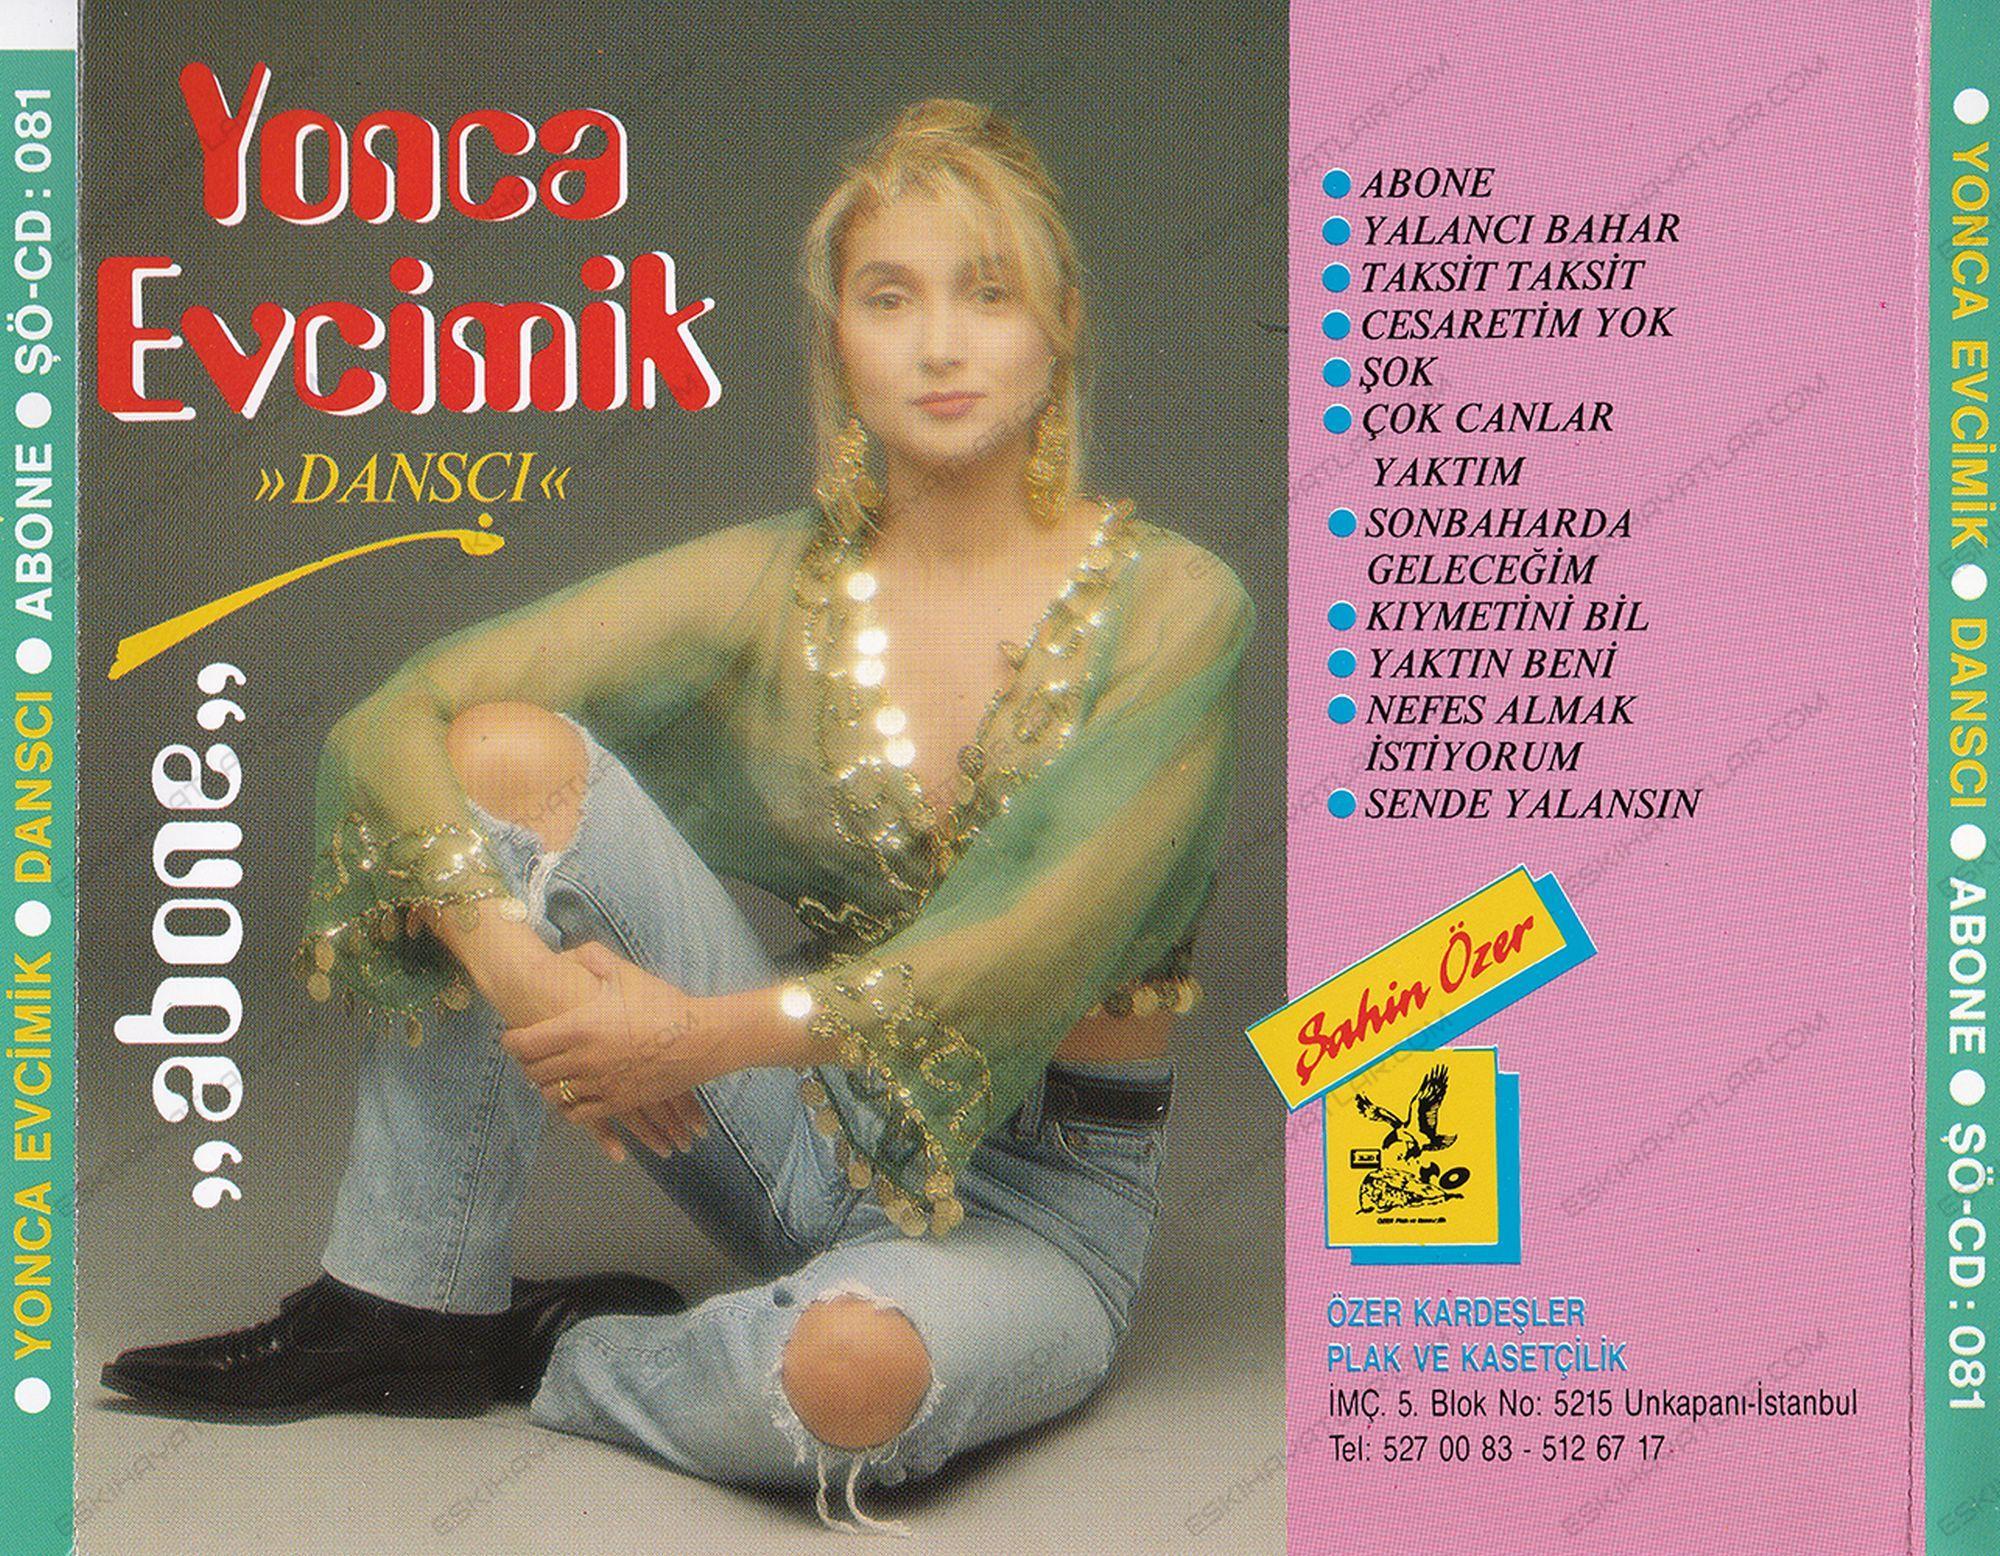 yonca-evcimik-abone-kaset-icerigi-album-kapagi (3)